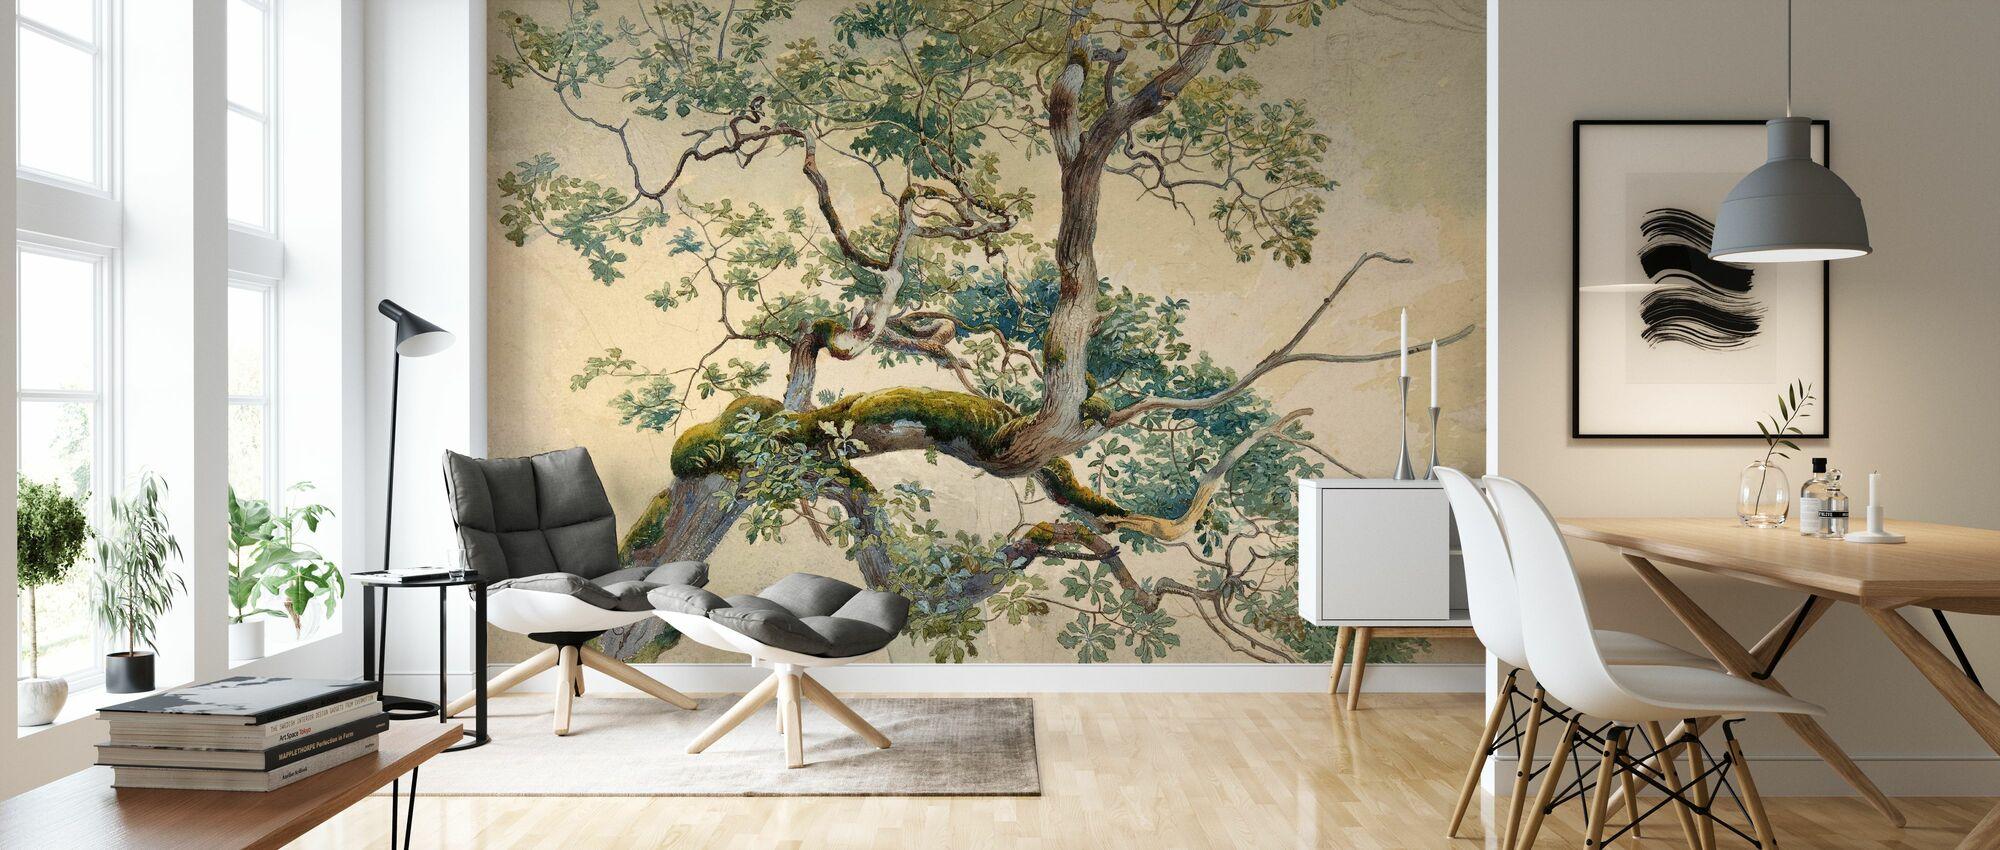 Tree Branch Art - Charles Reginald Aston - Wallpaper - Living Room